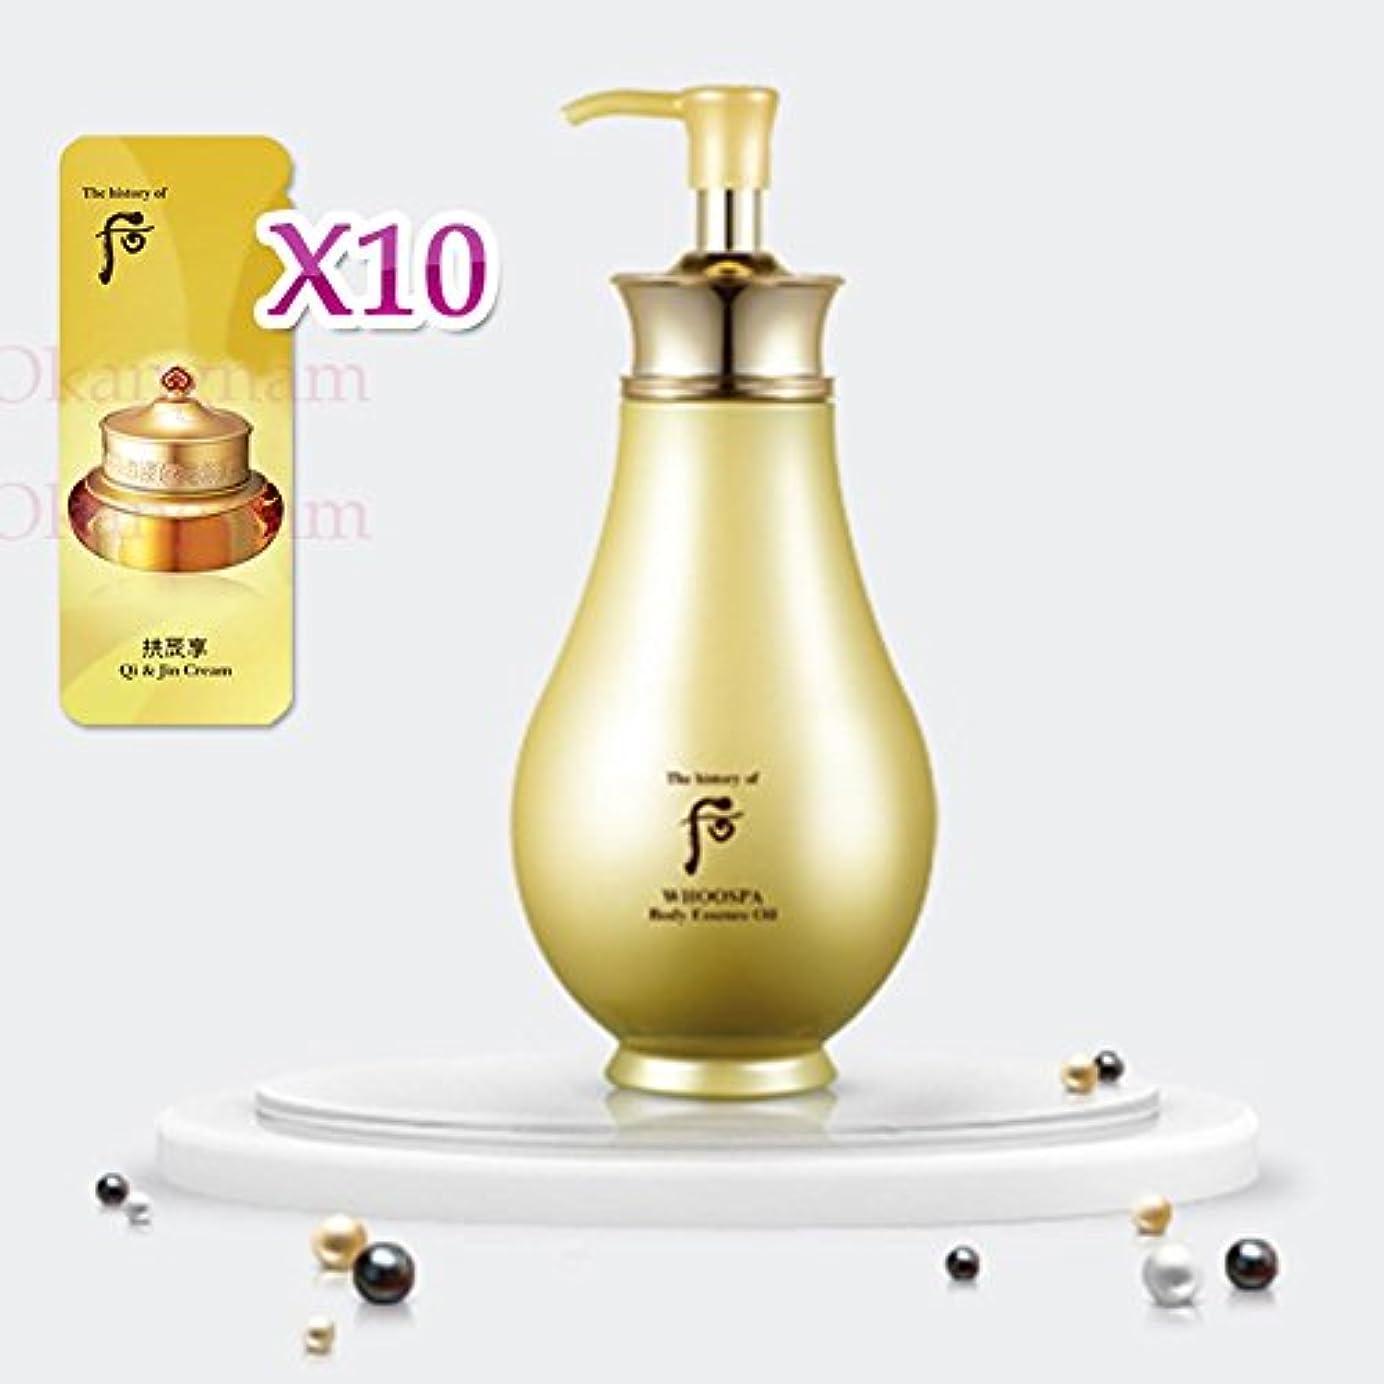 ブルーム帳面絞る【フー/The history of whoo] Whoo后SPA03 Whoo Spa Body Essence Oil/后(フー)フス派ボディエッセンスオイル + [Sample Gift](海外直送品)